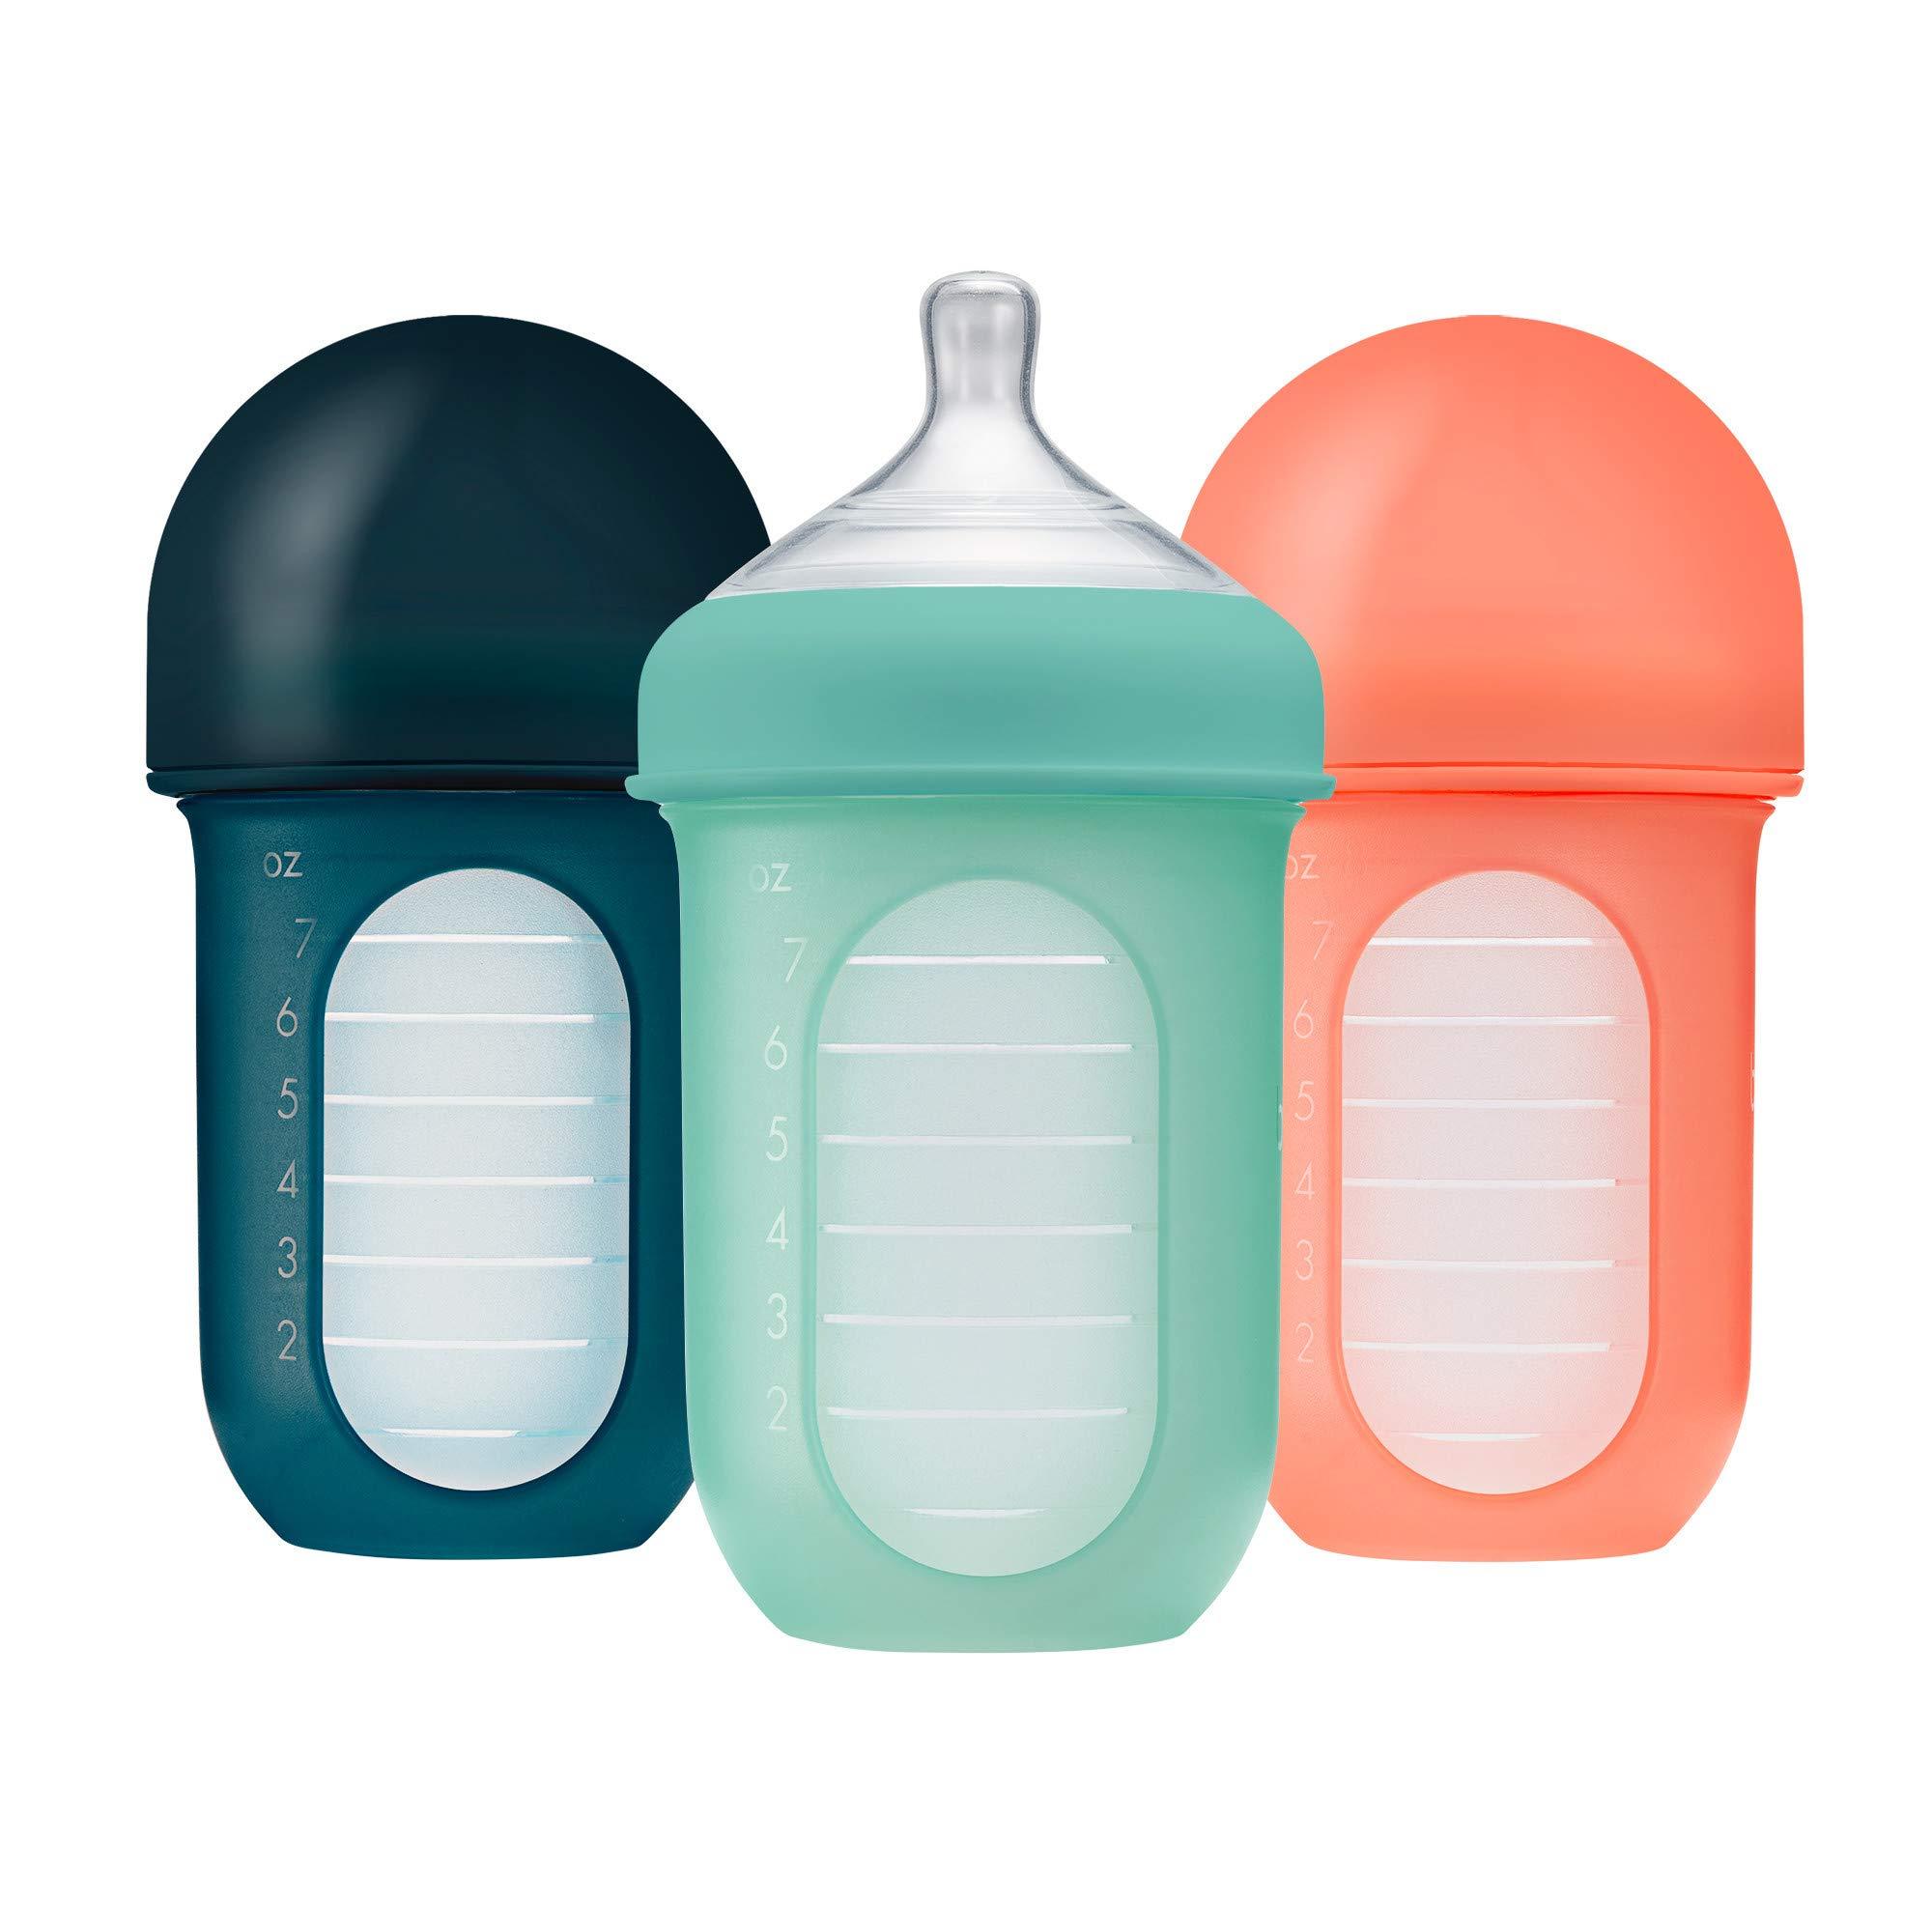 Boon NURSH Reusable Silicone Bottles